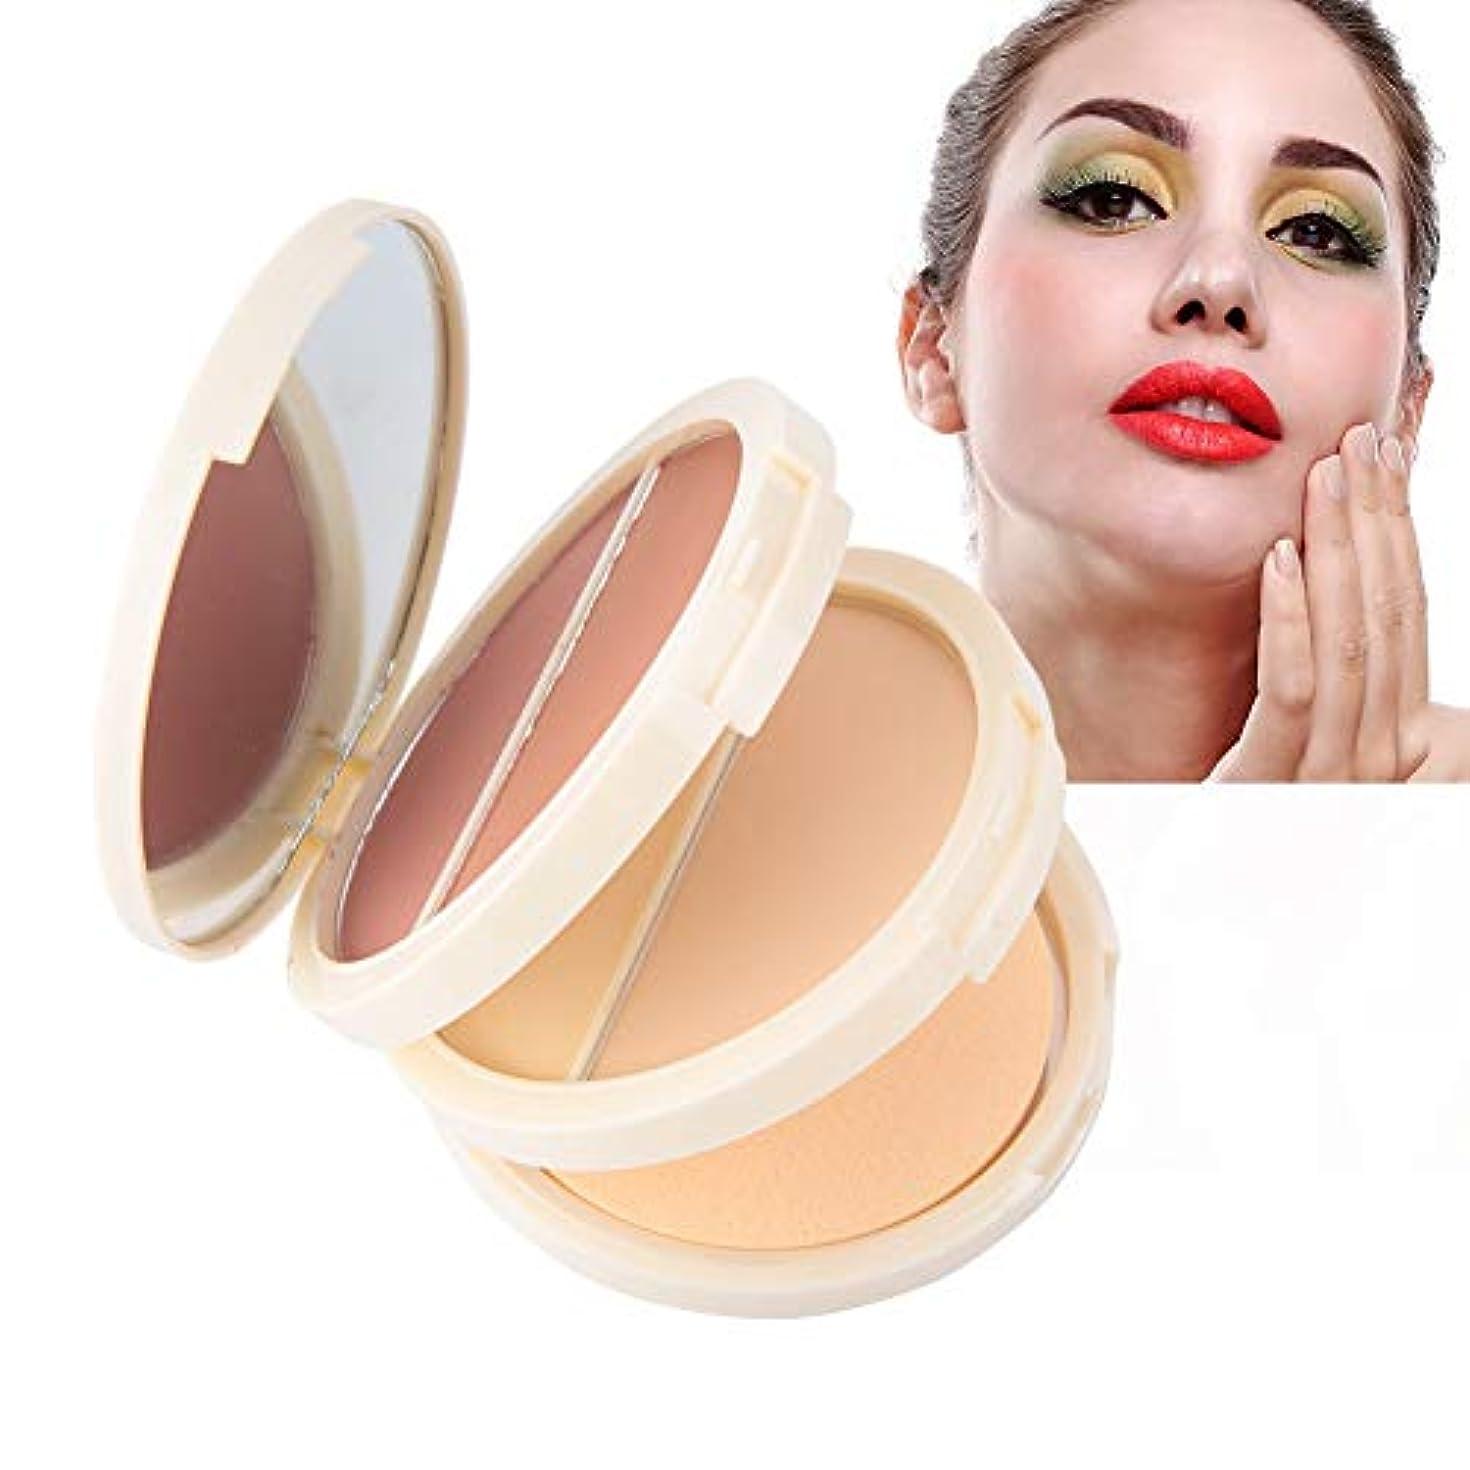 干渉する継承着服化粧品、オイル管理および防水および長続きがする効果のための1つのコンシーラーの粉の赤面粉に付き3つ